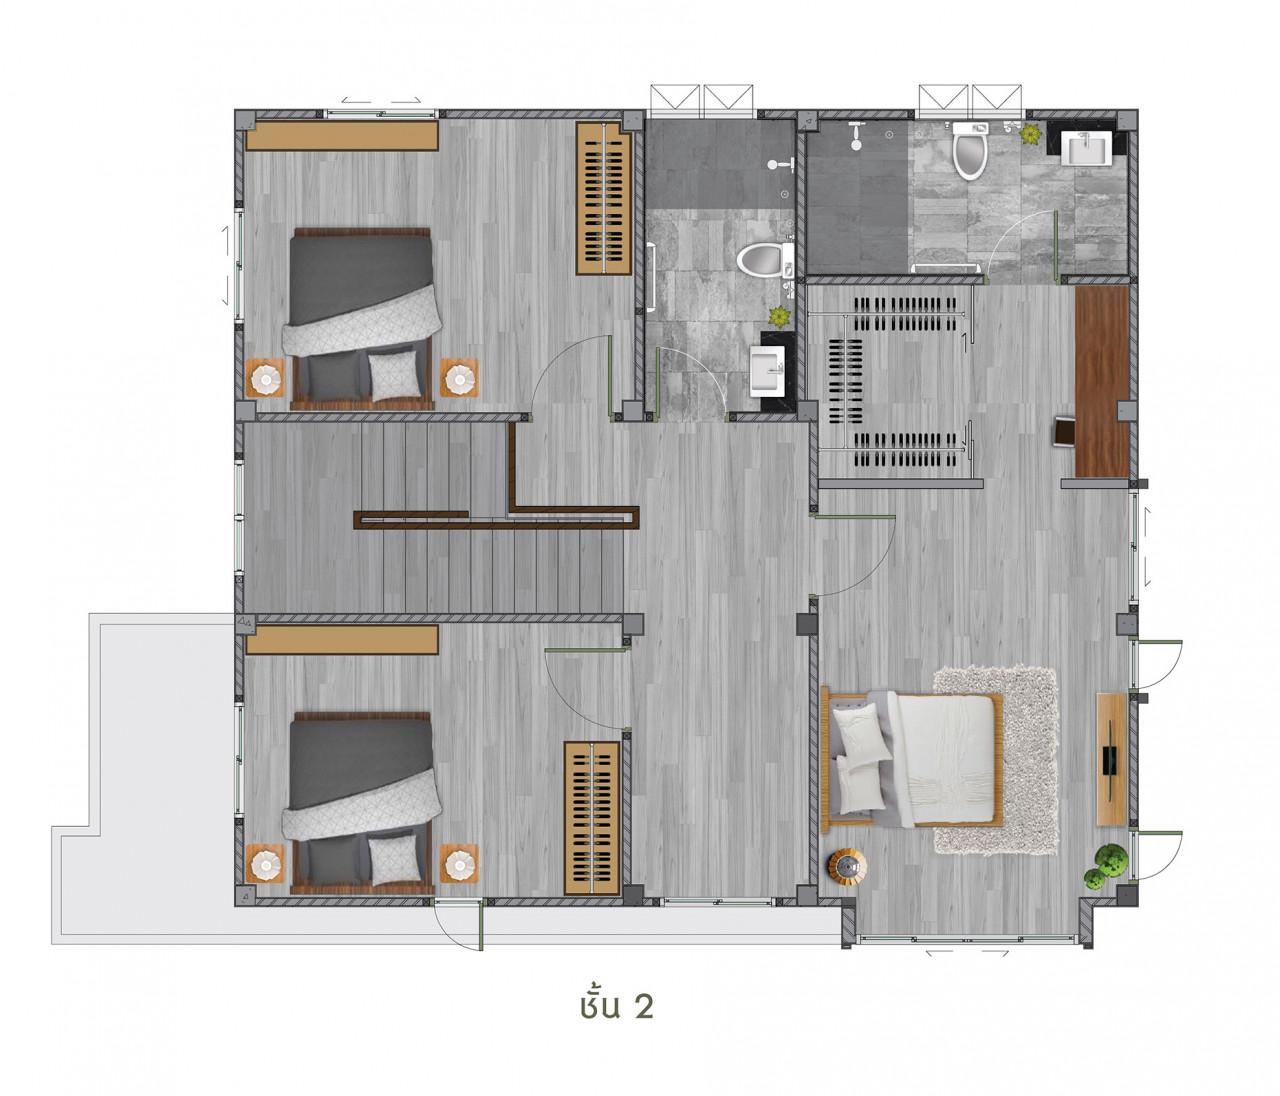 บ้านเดี่ยว บ้านแฝด ทาวน์โฮม ทาวน์เฮ้าส์ Sammakorn สัมมากร ชัยพฤกษ์-วงแหวน 2 รีวิว พรีวิว ที่ตั้ง ทำเล การเดินทาง บ้านพร้อมอยู่ บ้านใหม่ บ้านราคาถูก